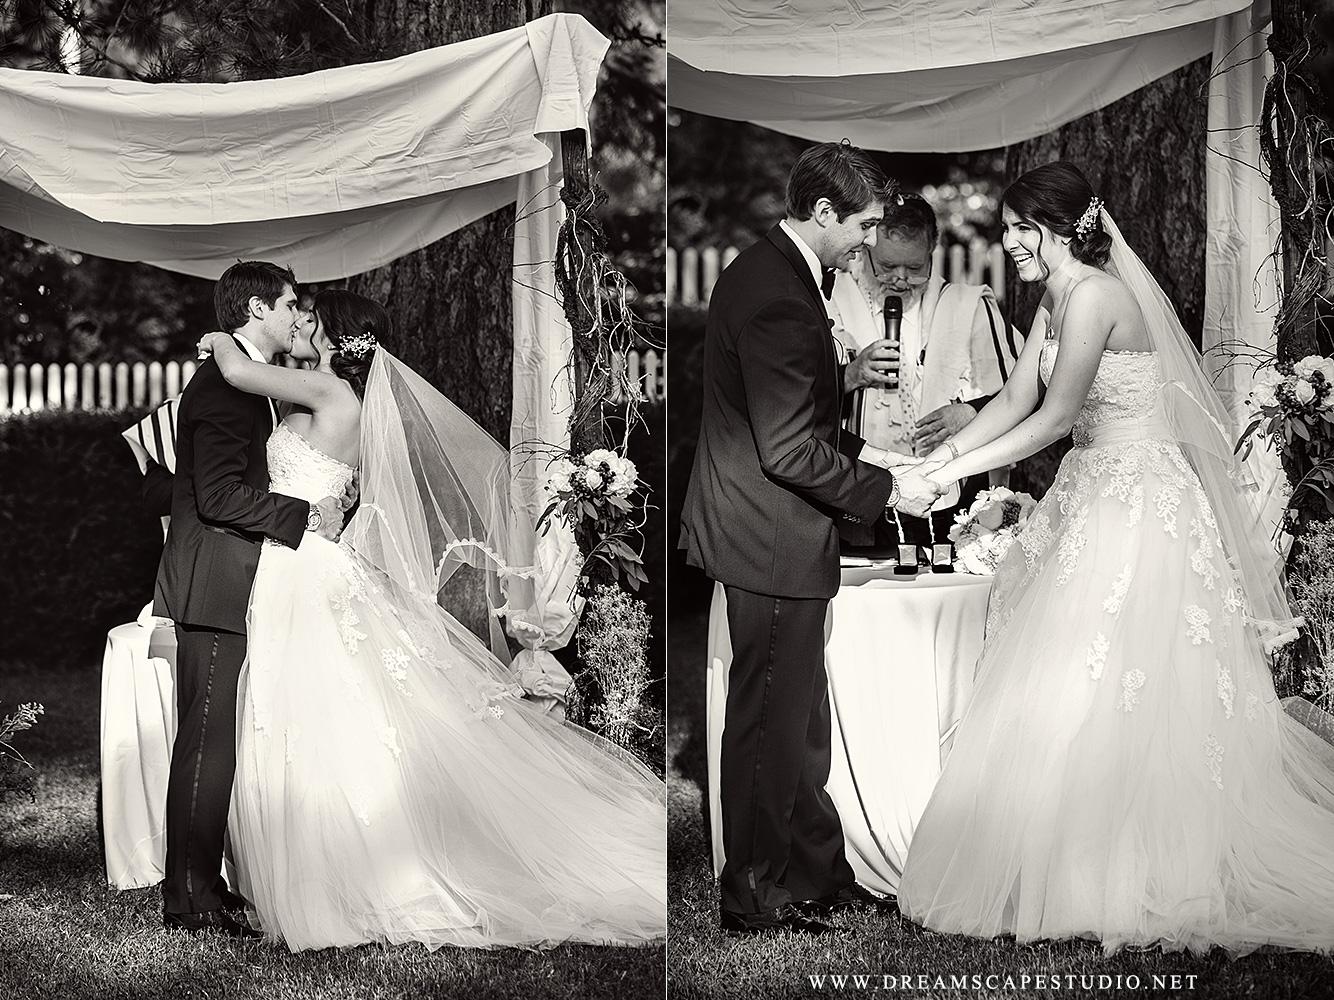 NY_Wedding_Photographer_JeRy_34.jpg